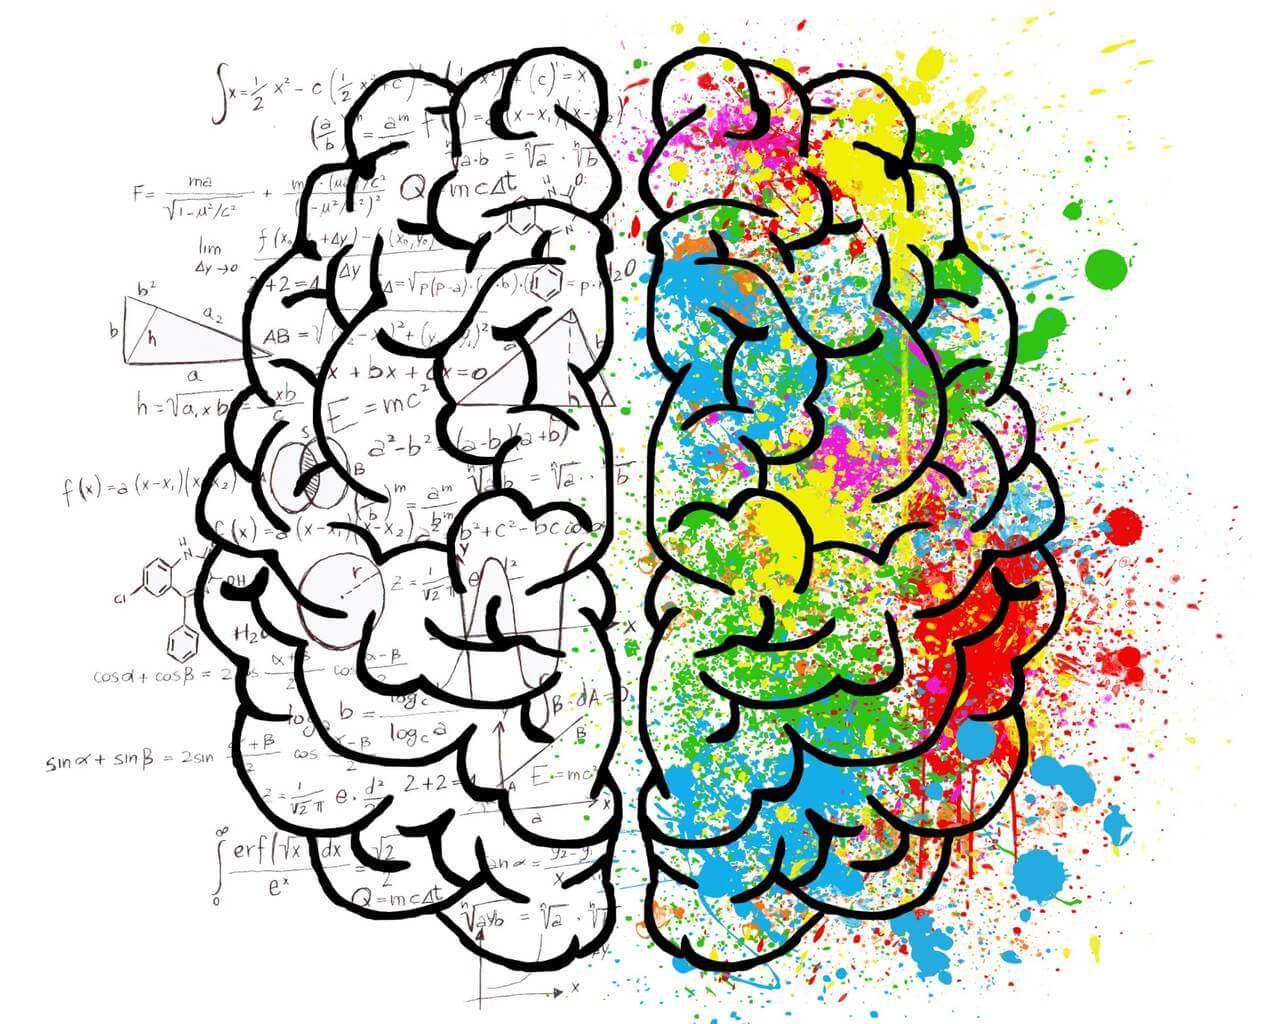 Szkic mózgu